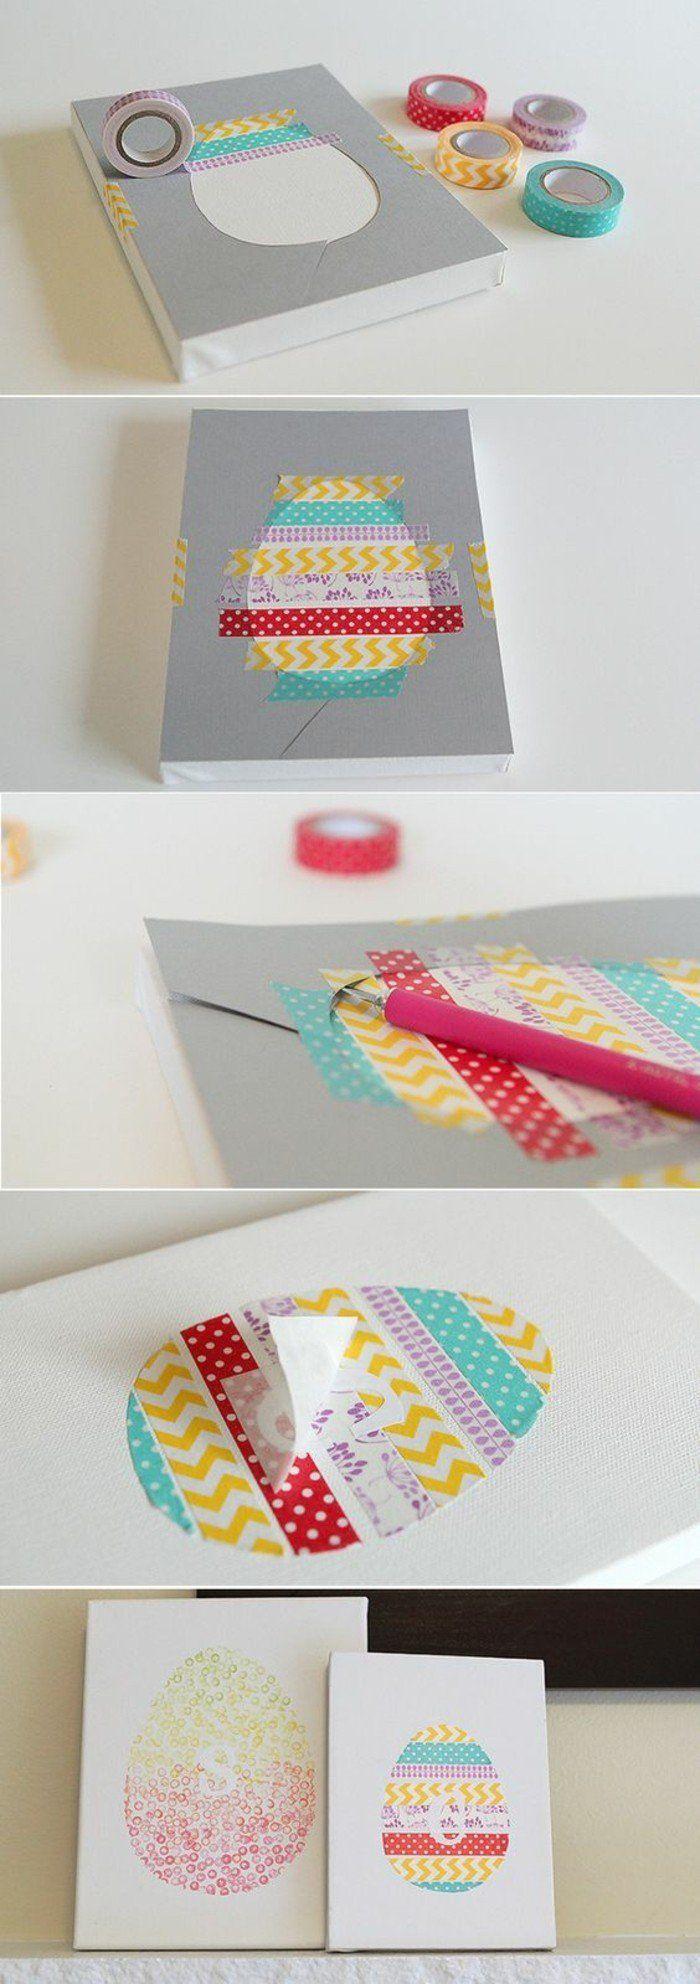 des oeufs constitués de bandes de papier washi, idee que faire avec du masking tape, une belle deco de paques a faire soi meme